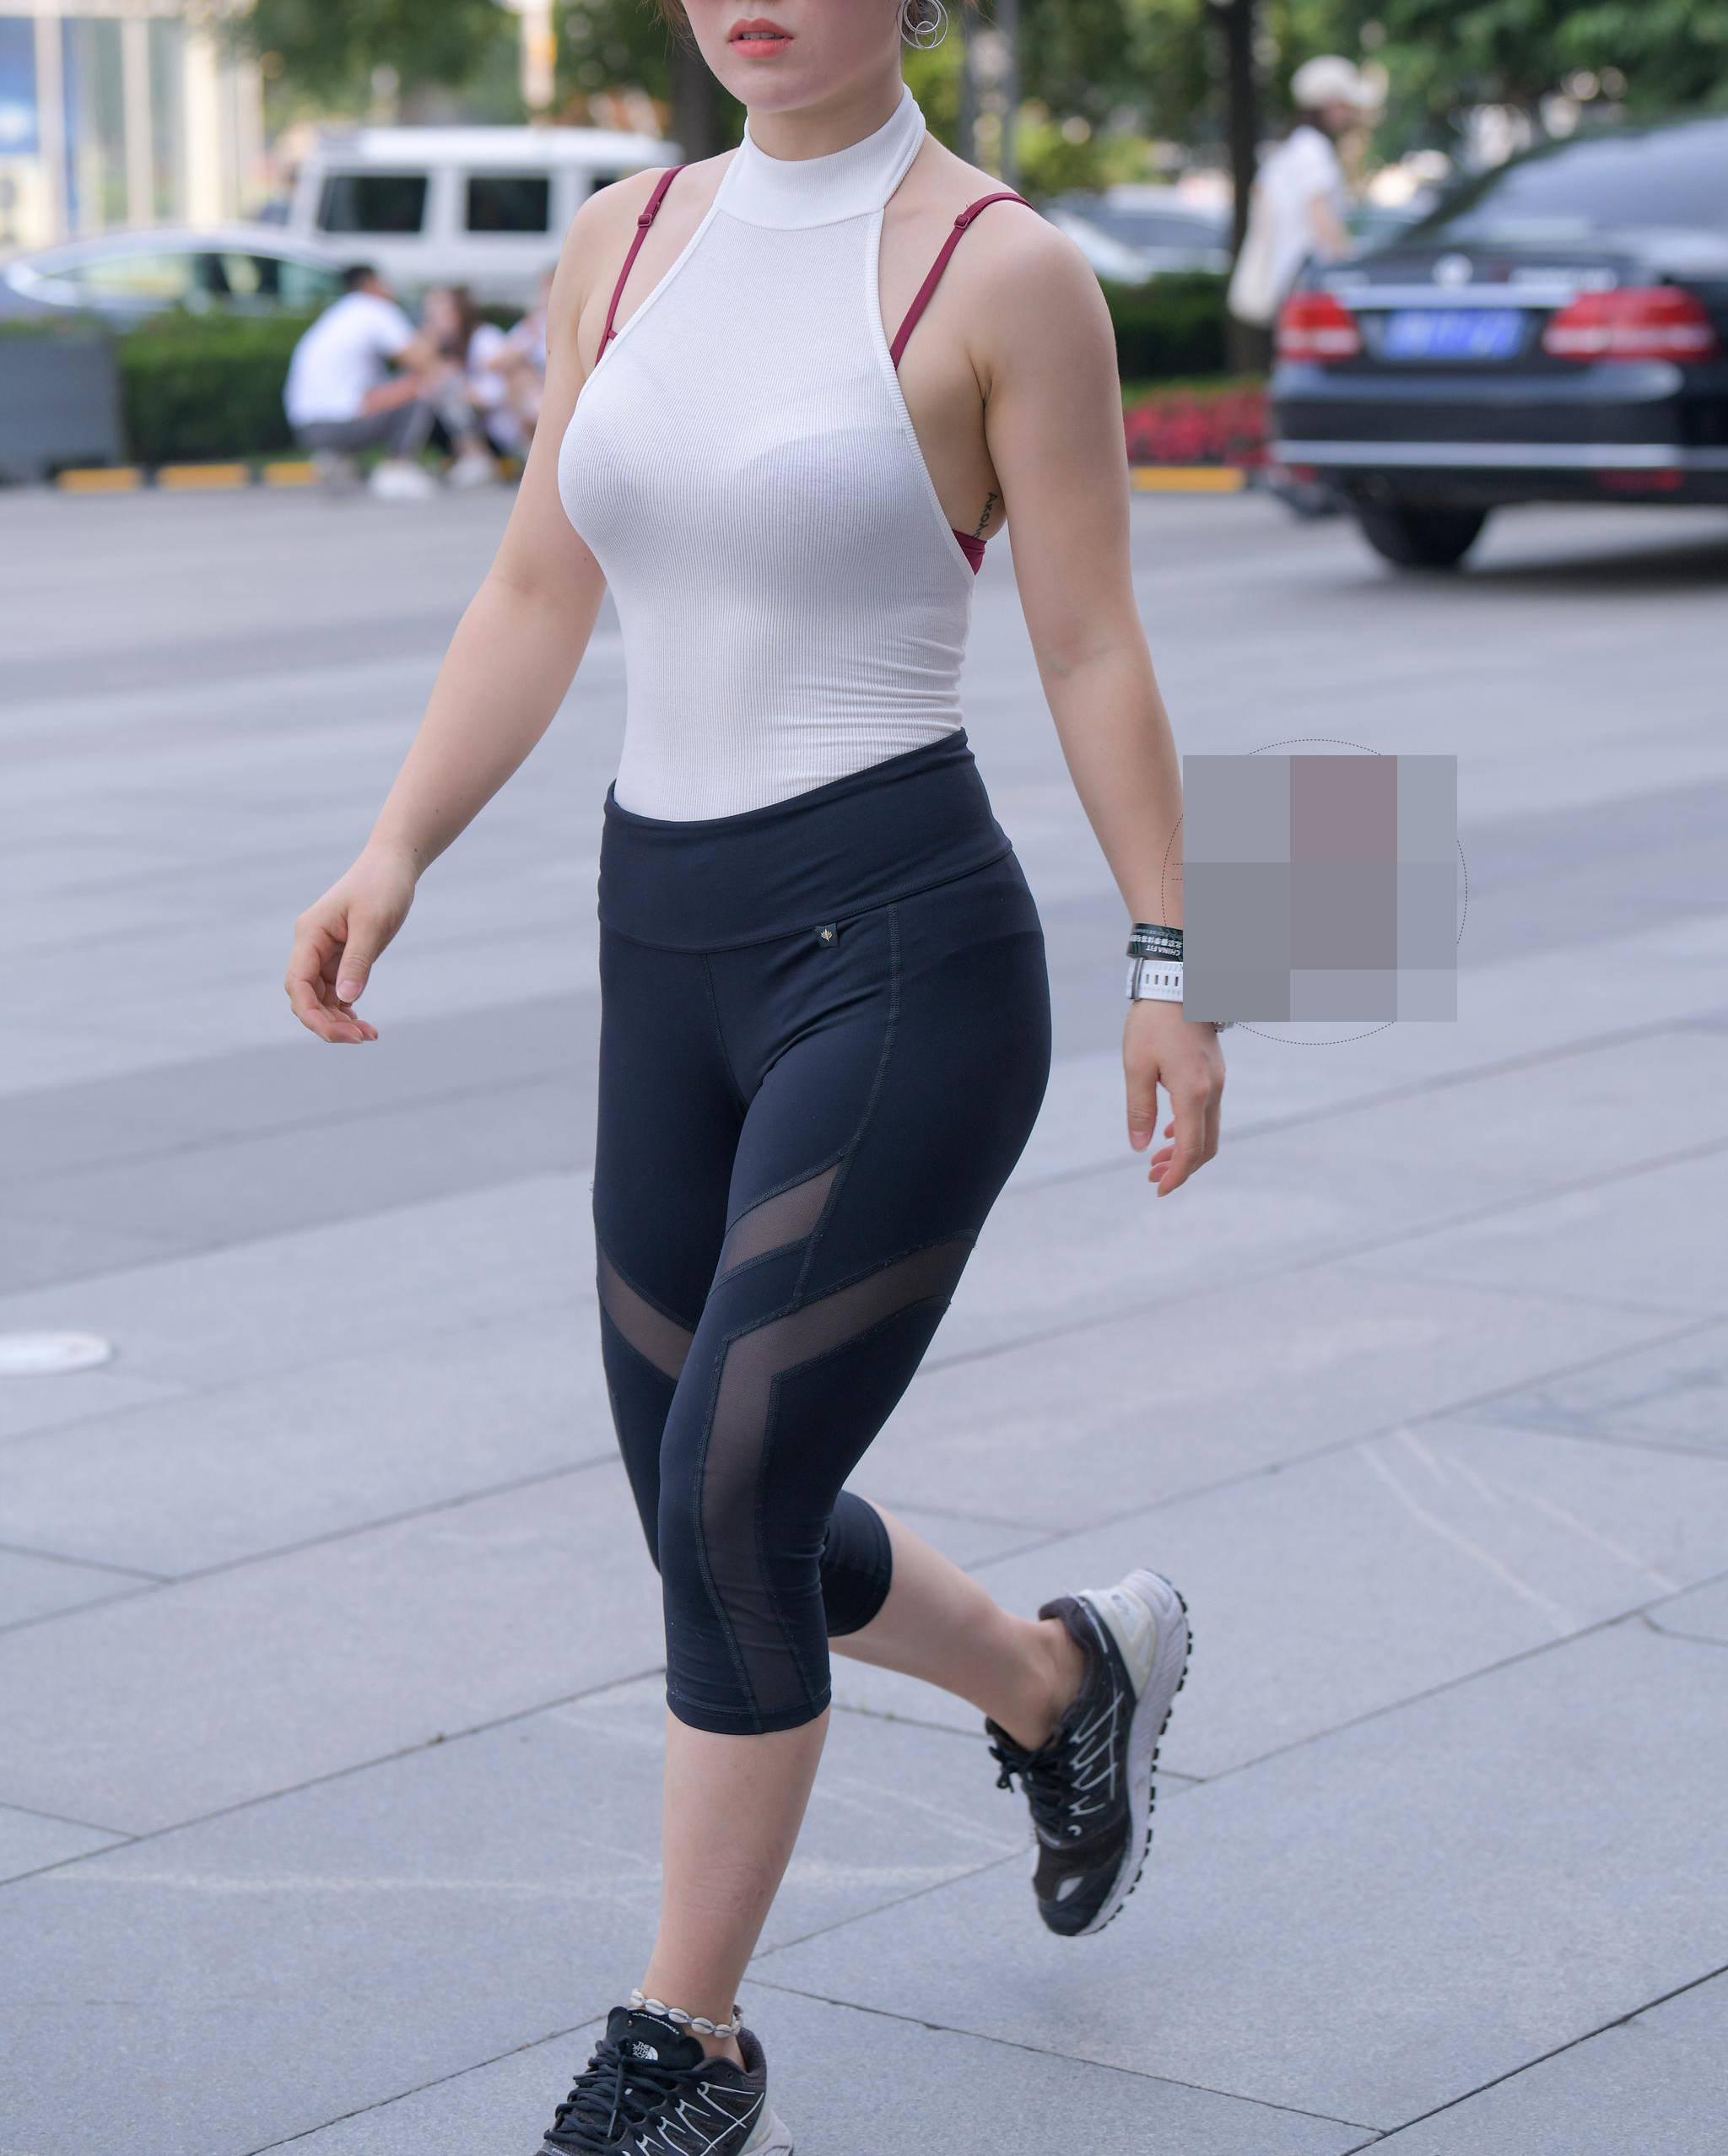 Diện 1 bộ đồ thảm hoạ thời trang, cô gái Trung Quốc trở thành tâm điểm xấu xí trên phố - 3